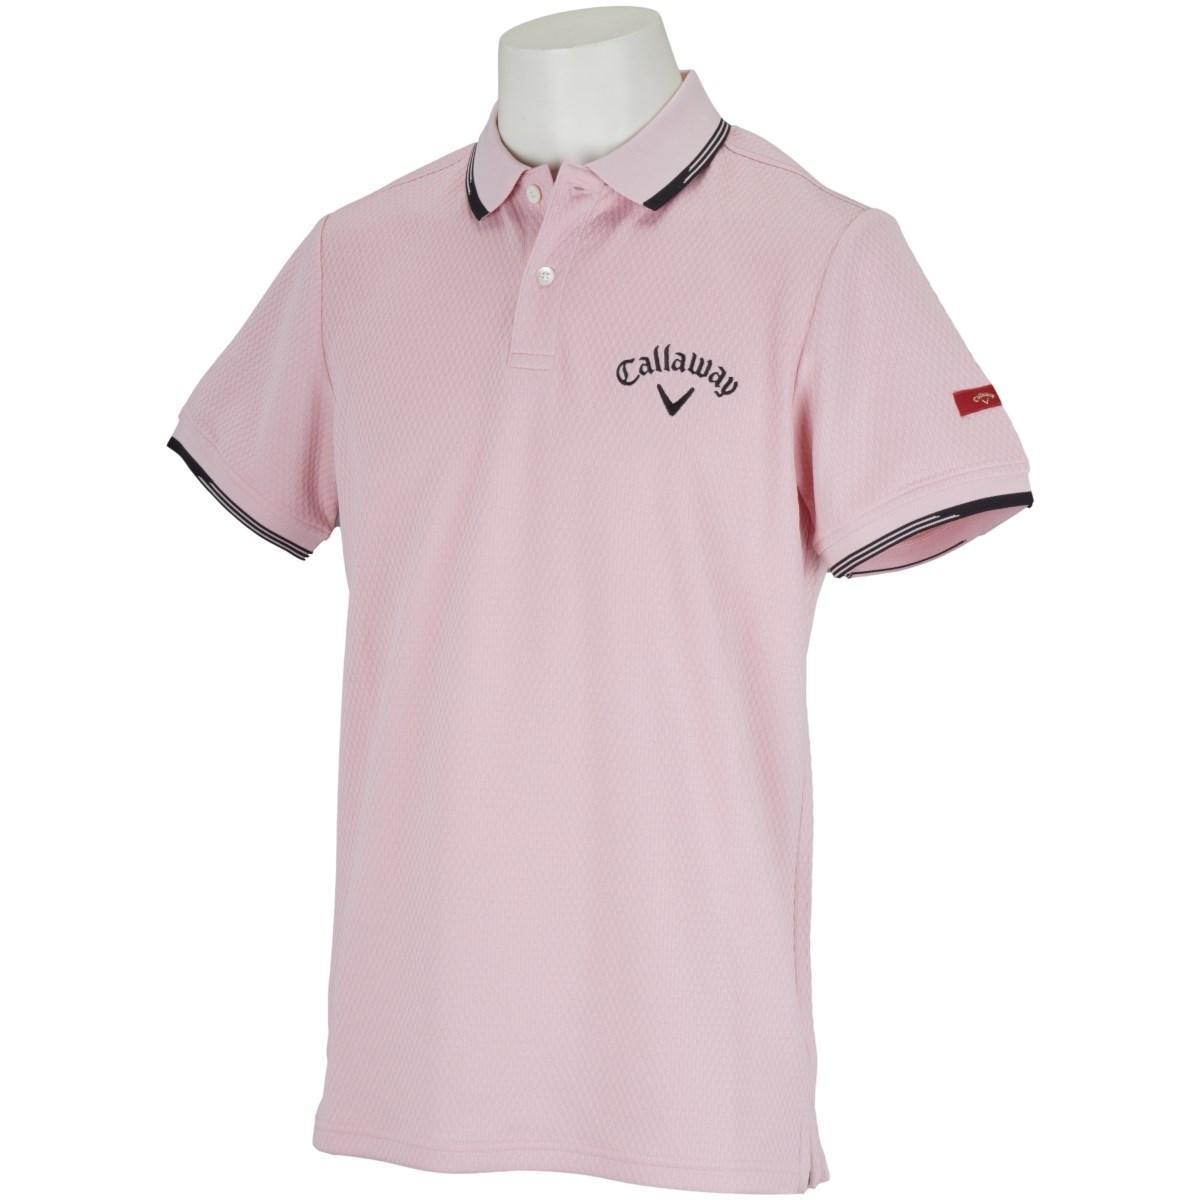 キャロウェイゴルフ CALLAWAY RED LABEL 半袖ポロシャツ M ピンク 090